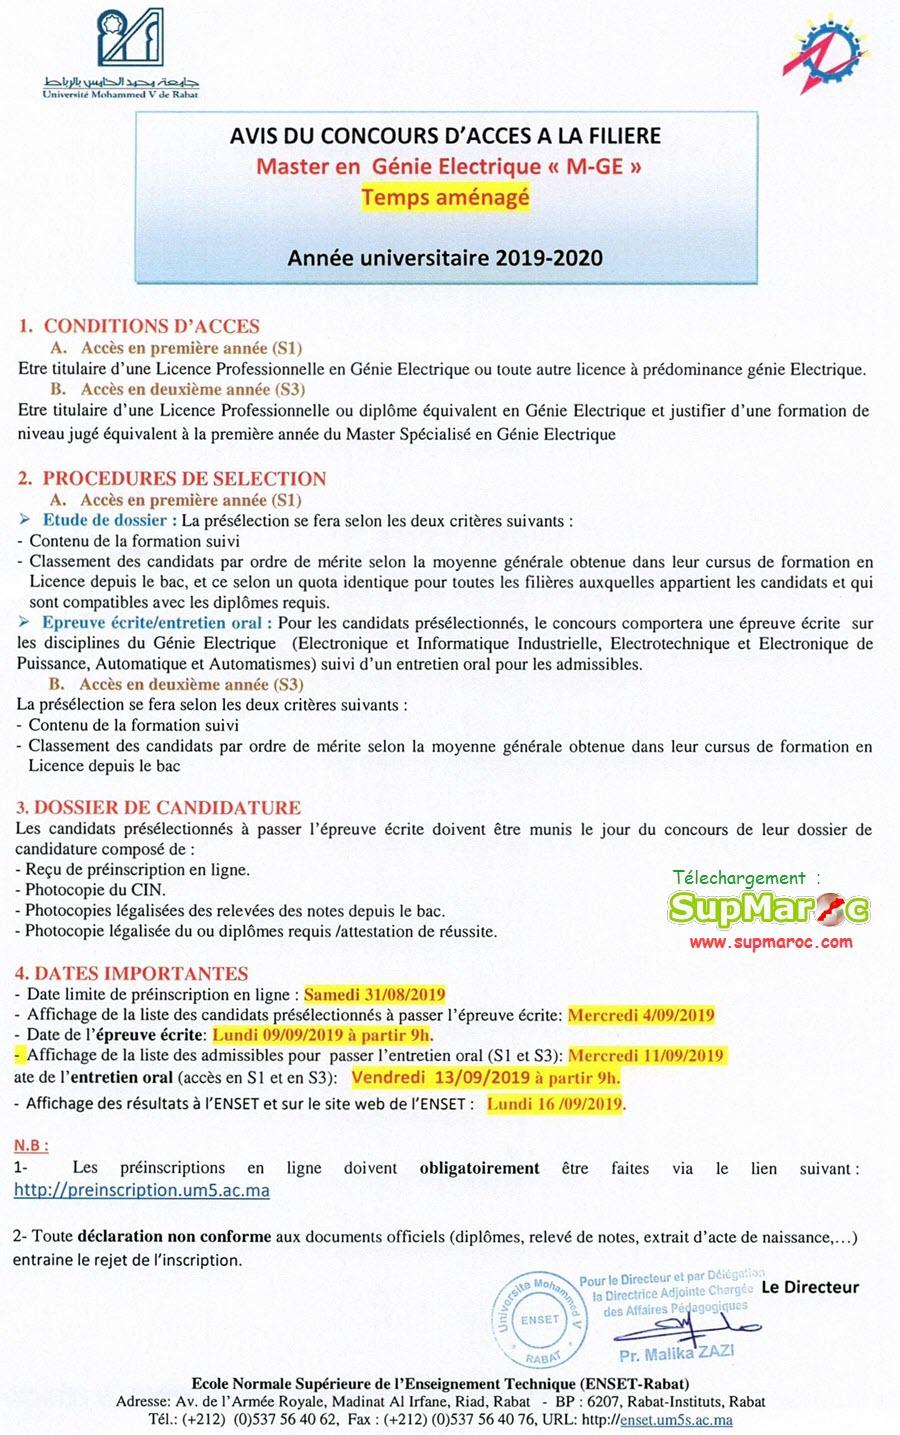 ENSET Rabat FILIERE Master GE, SEEE Temps aménagé 2019-2020